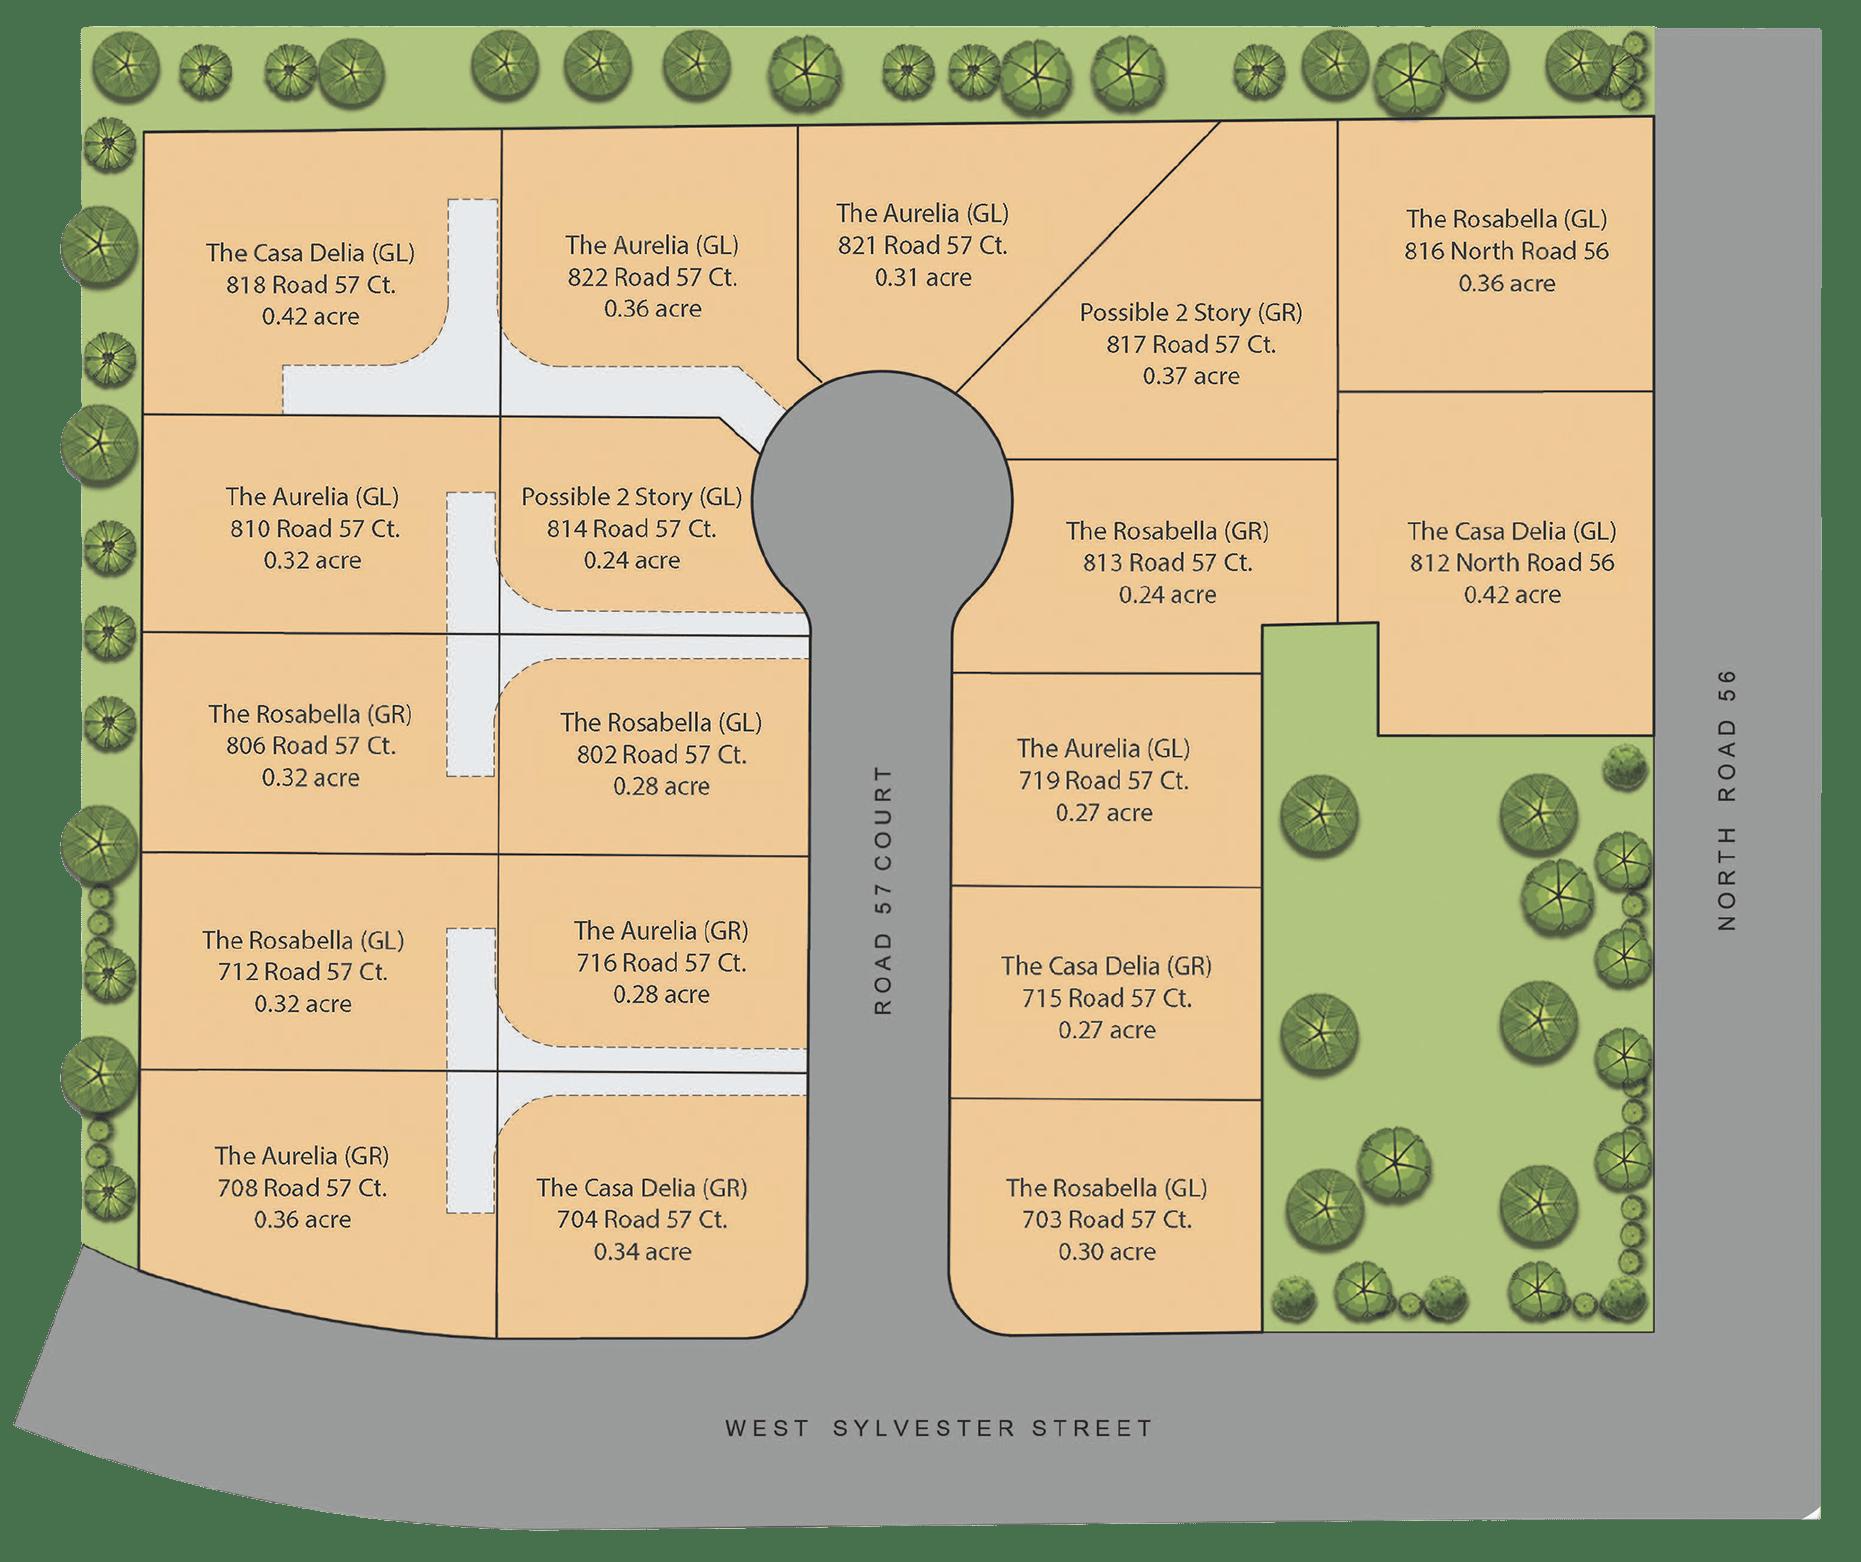 Map of Joel's neighborhood